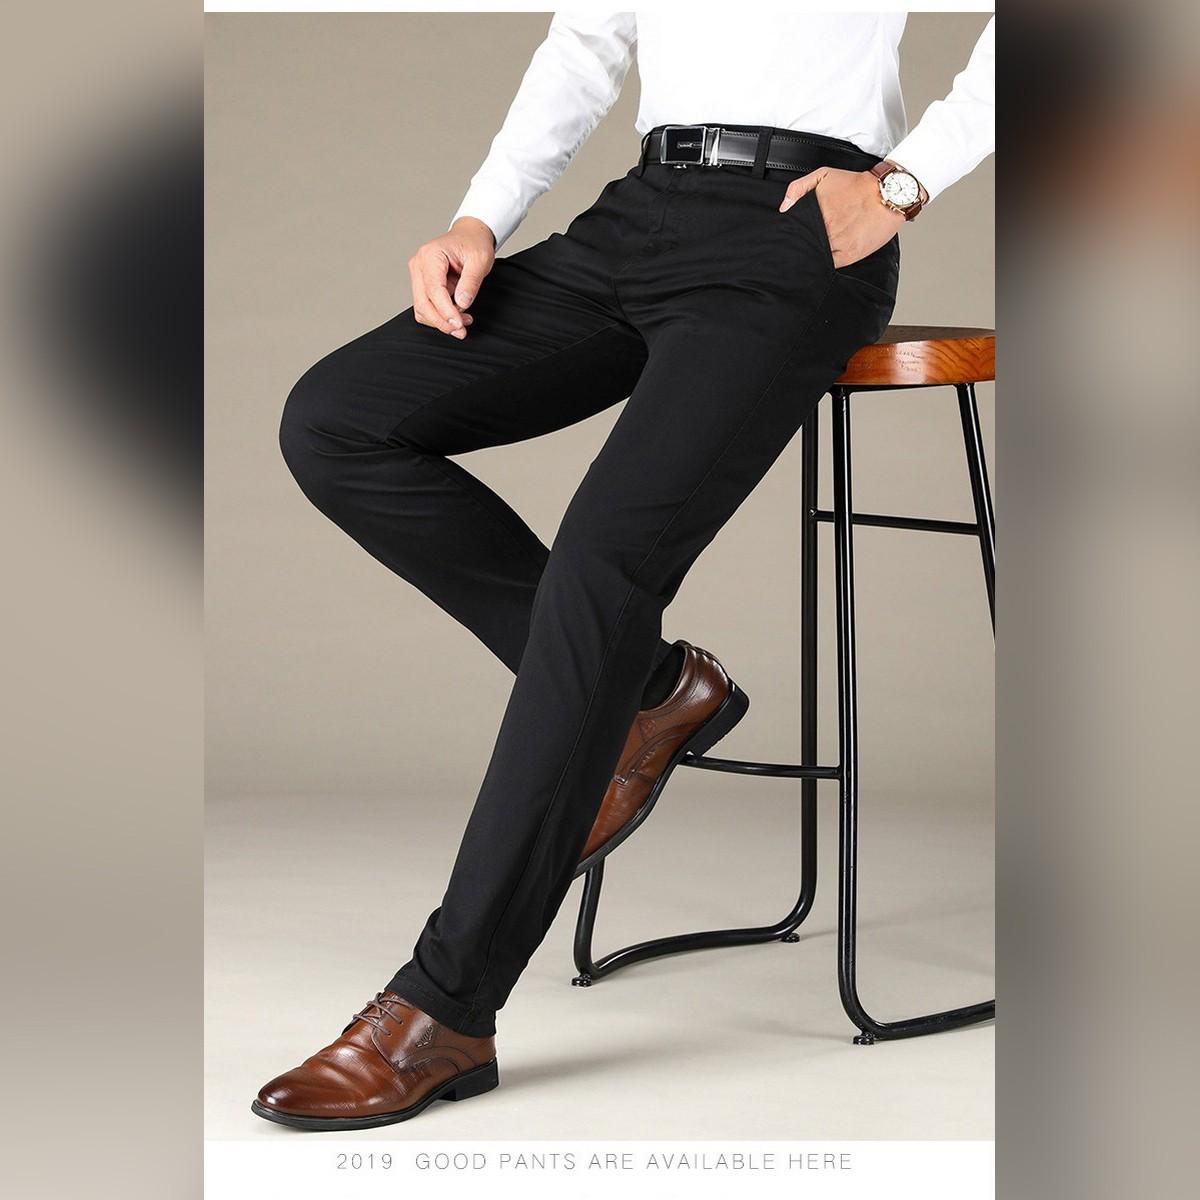 Cotton Jeans Black Pant for men - Soft Cotton Jeans